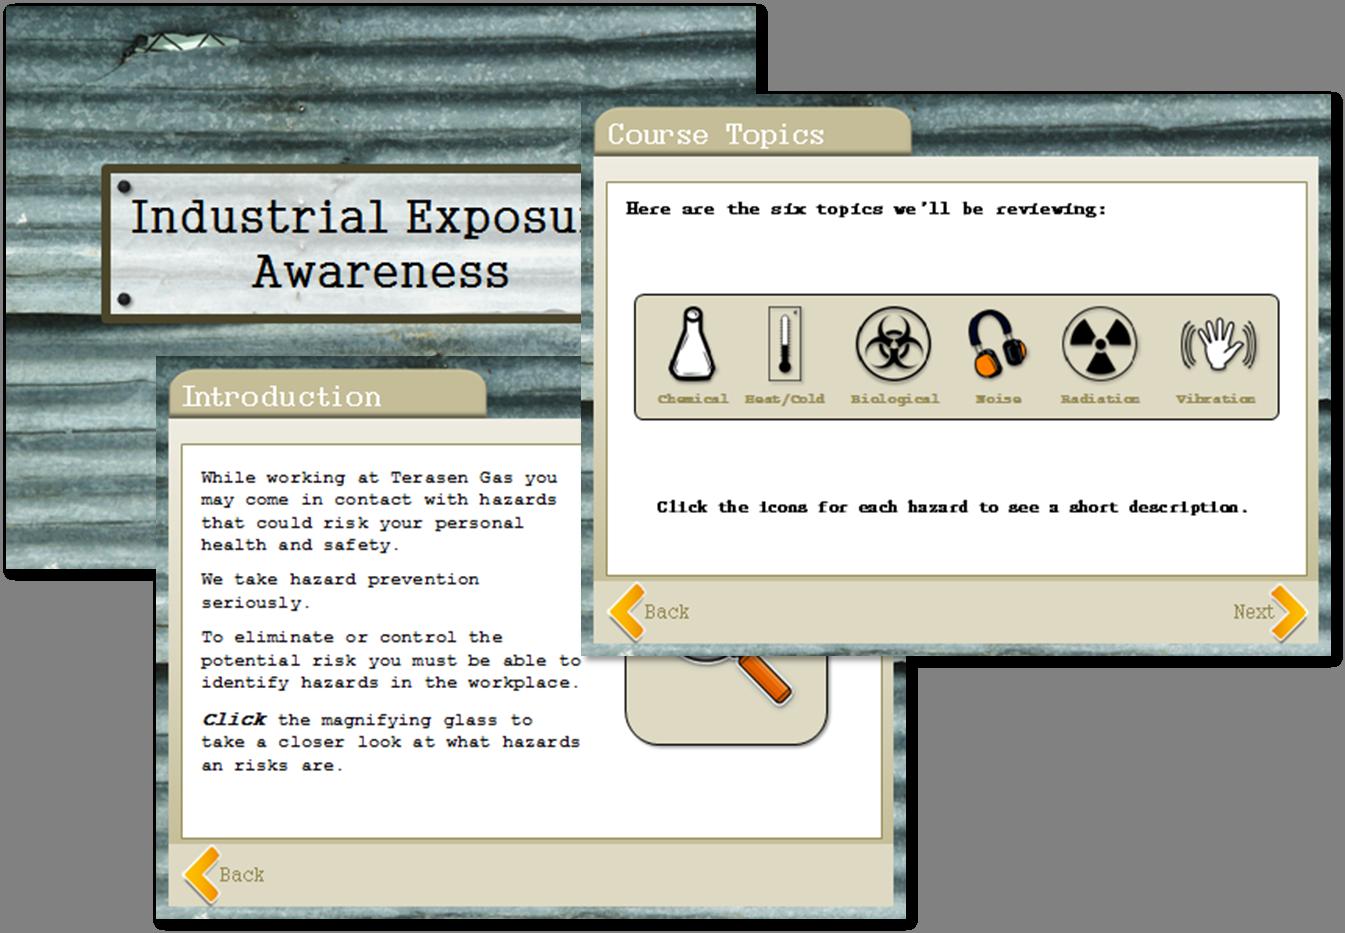 Industrial Exposure Awareness